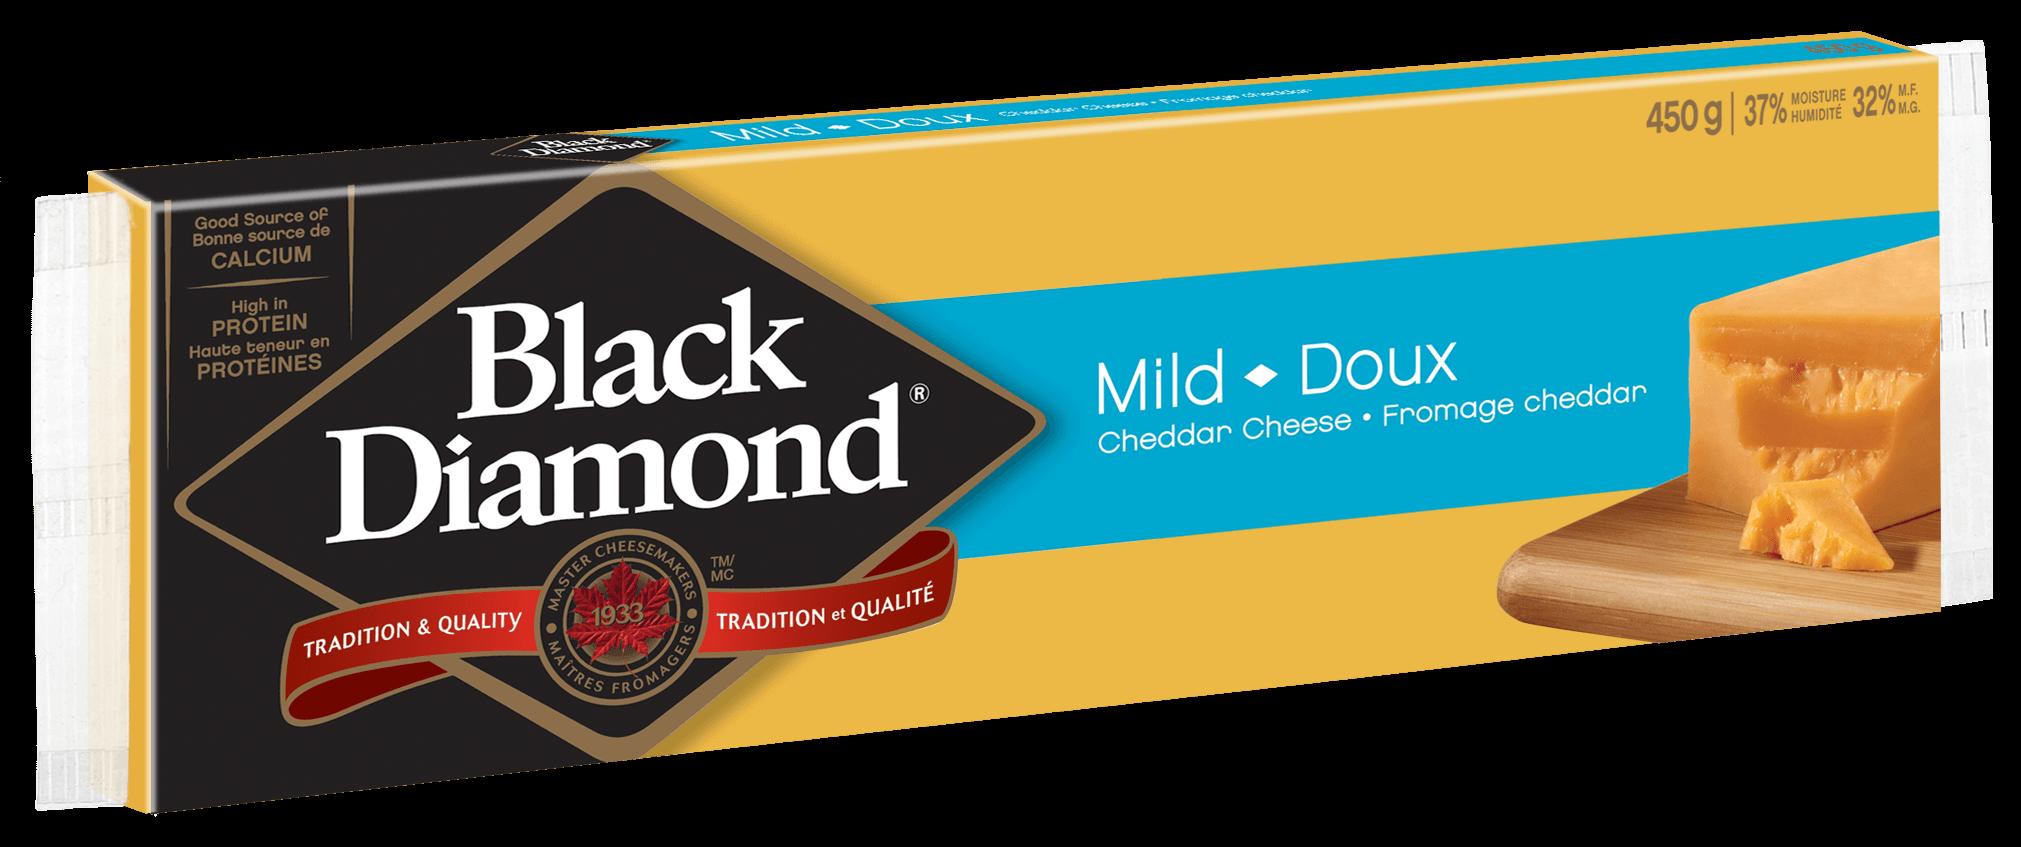 Mild Cheddar 450g